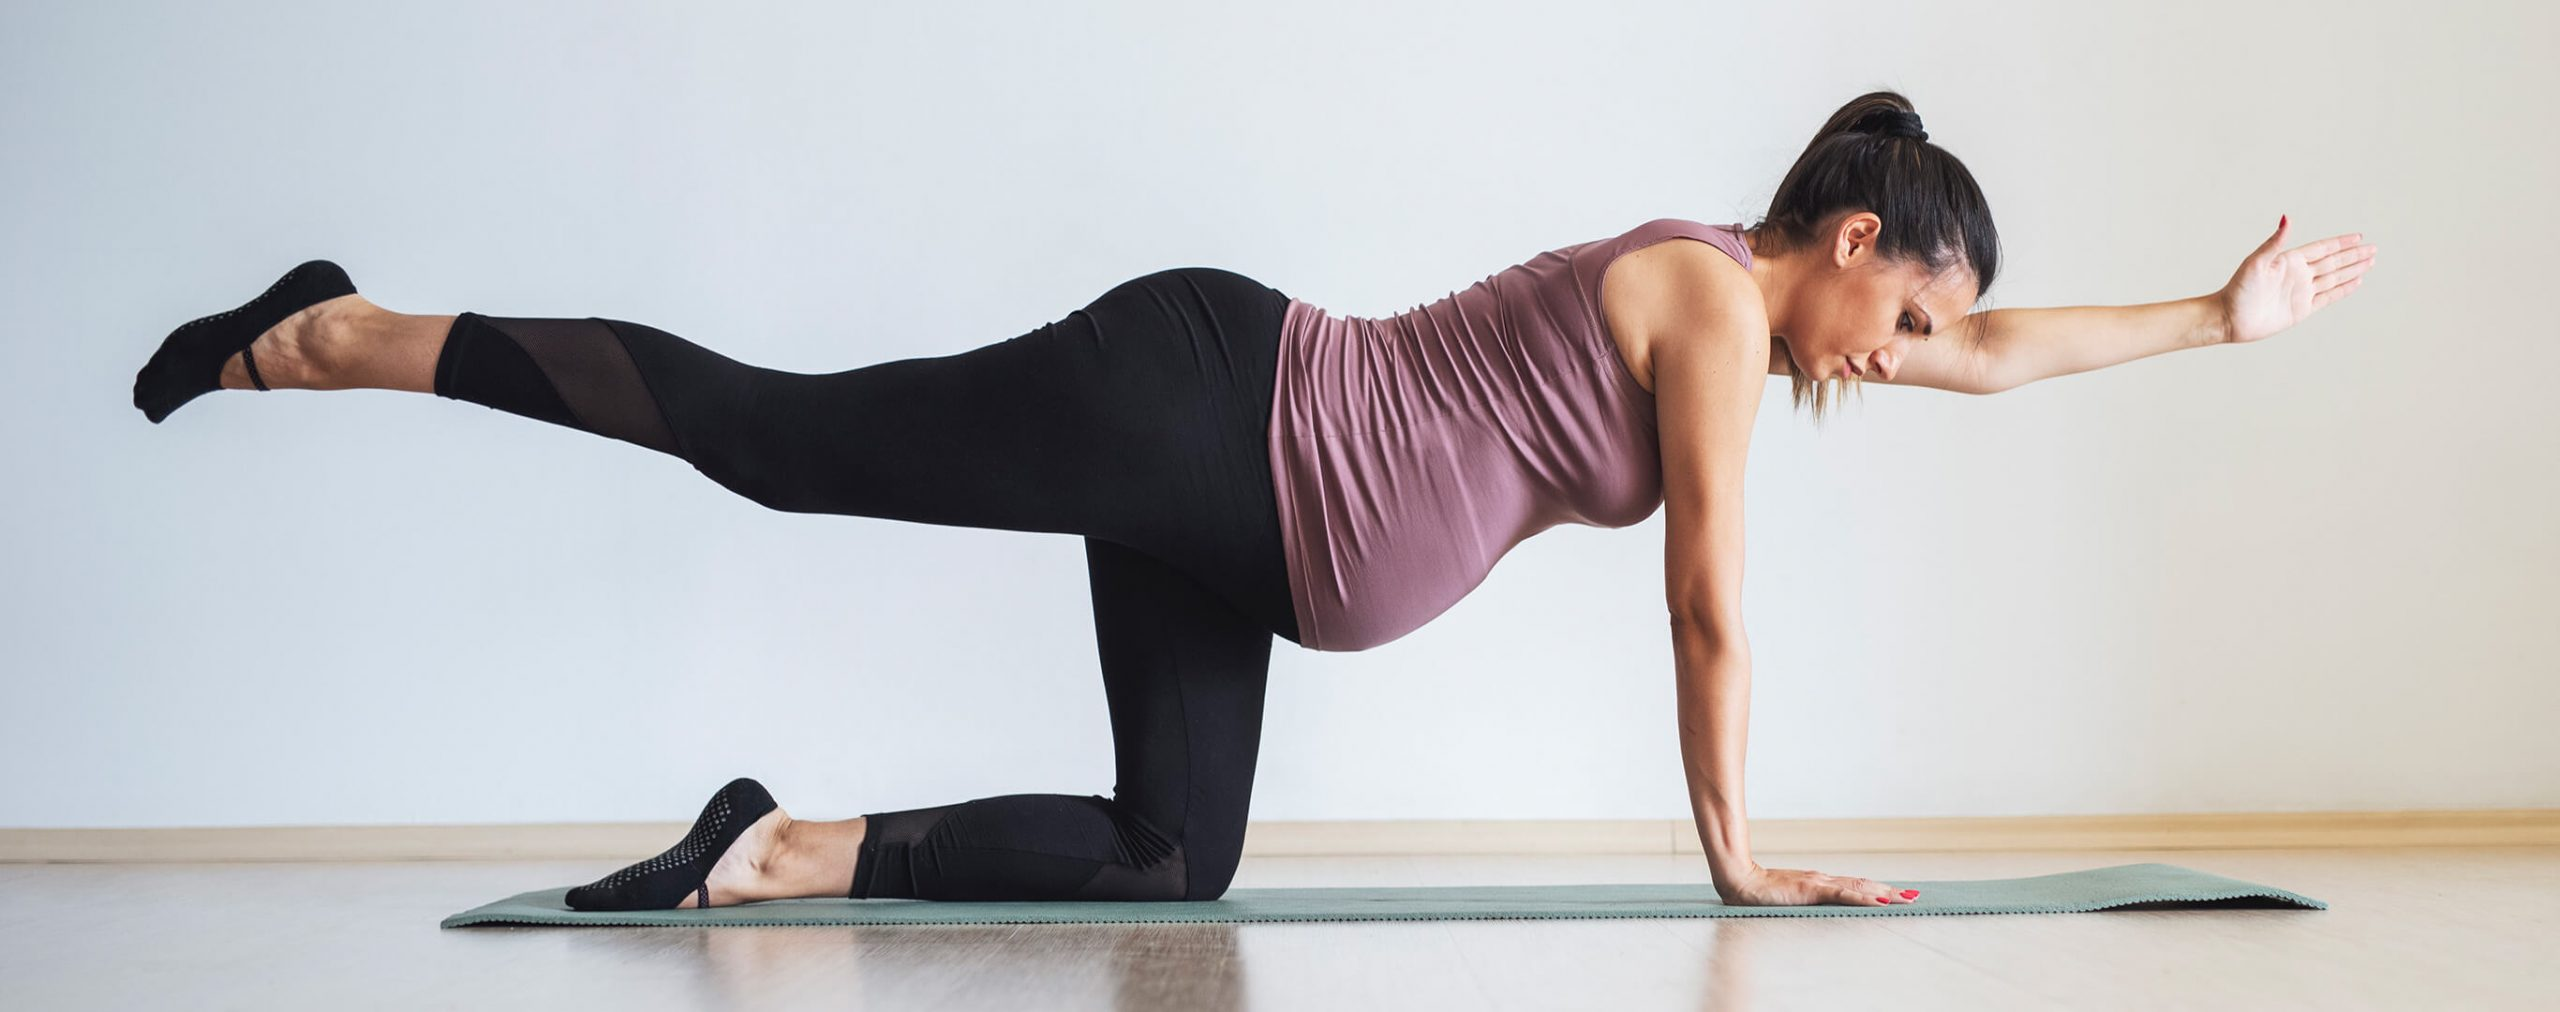 Uebung gegen Rueckenschmerzen in der Schwangerschaft